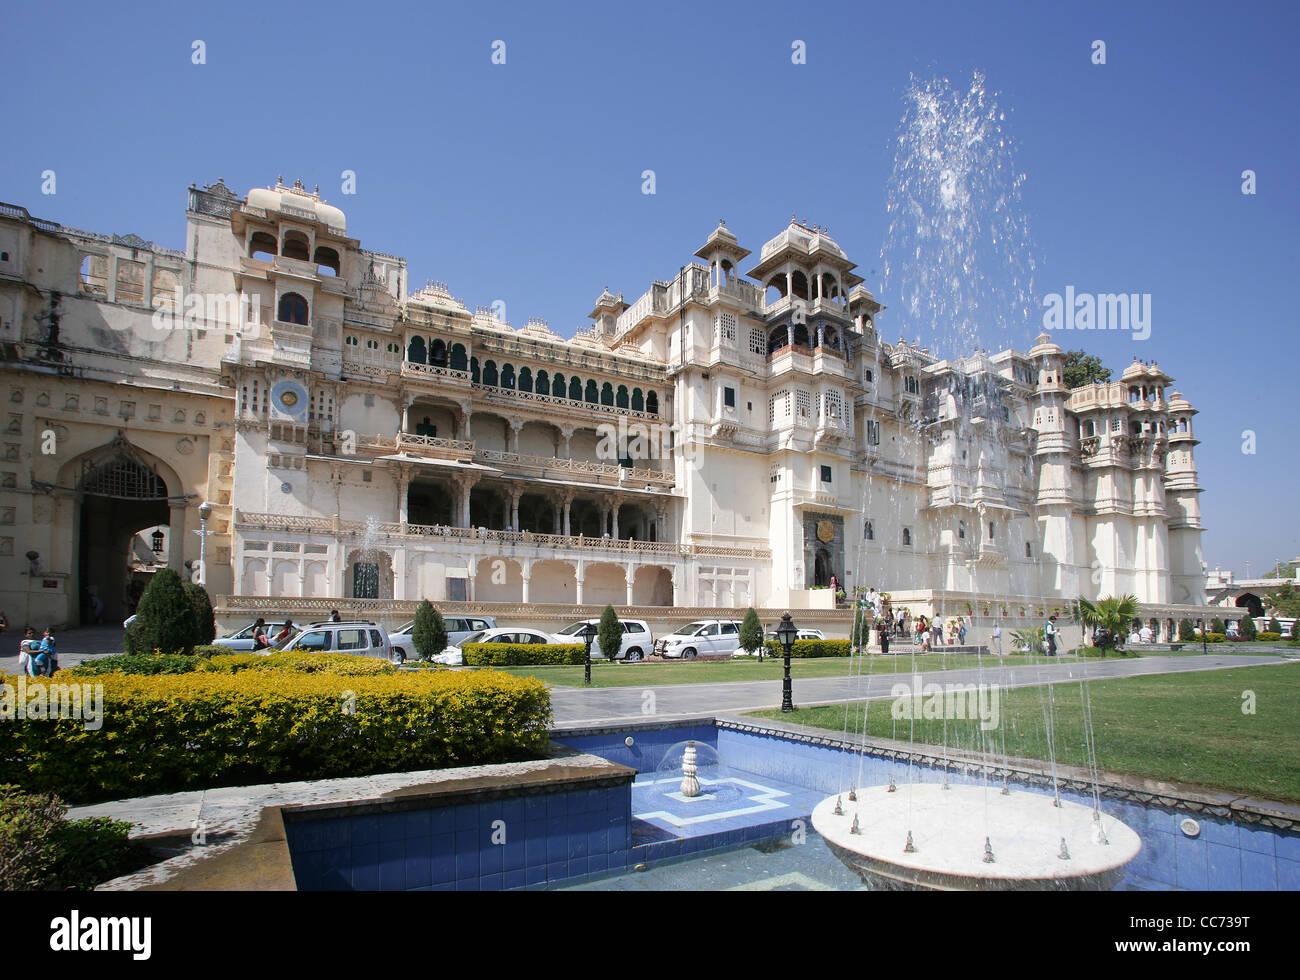 Blick auf die Stadt Palast von Udaipur, Heimat des Maharaja von Udaipur, ein Museum und ein Luxushotel, Rajasthan, Stockbild